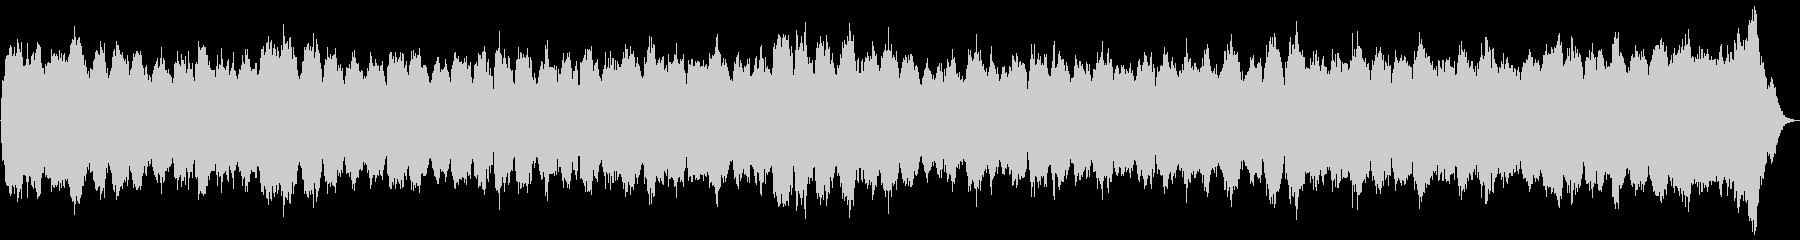 パイプオルガン用オリジナル四声の曲の未再生の波形